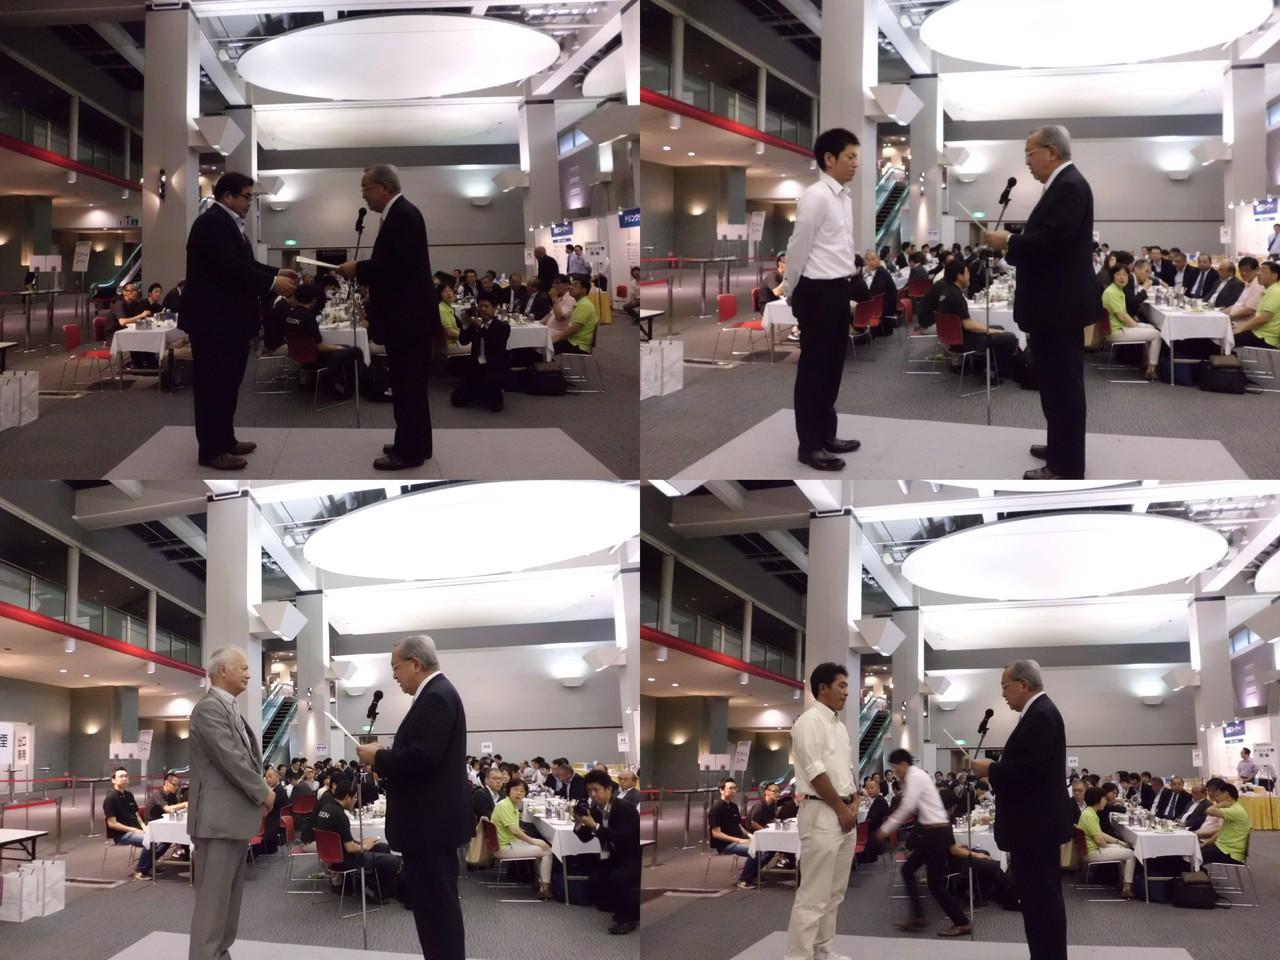 「優秀ブースデザイン賞」を受けられた(株)東京看板照明、アイケーシー(株)、明拓工業(株)、(有)今城ネオン製作所各社様